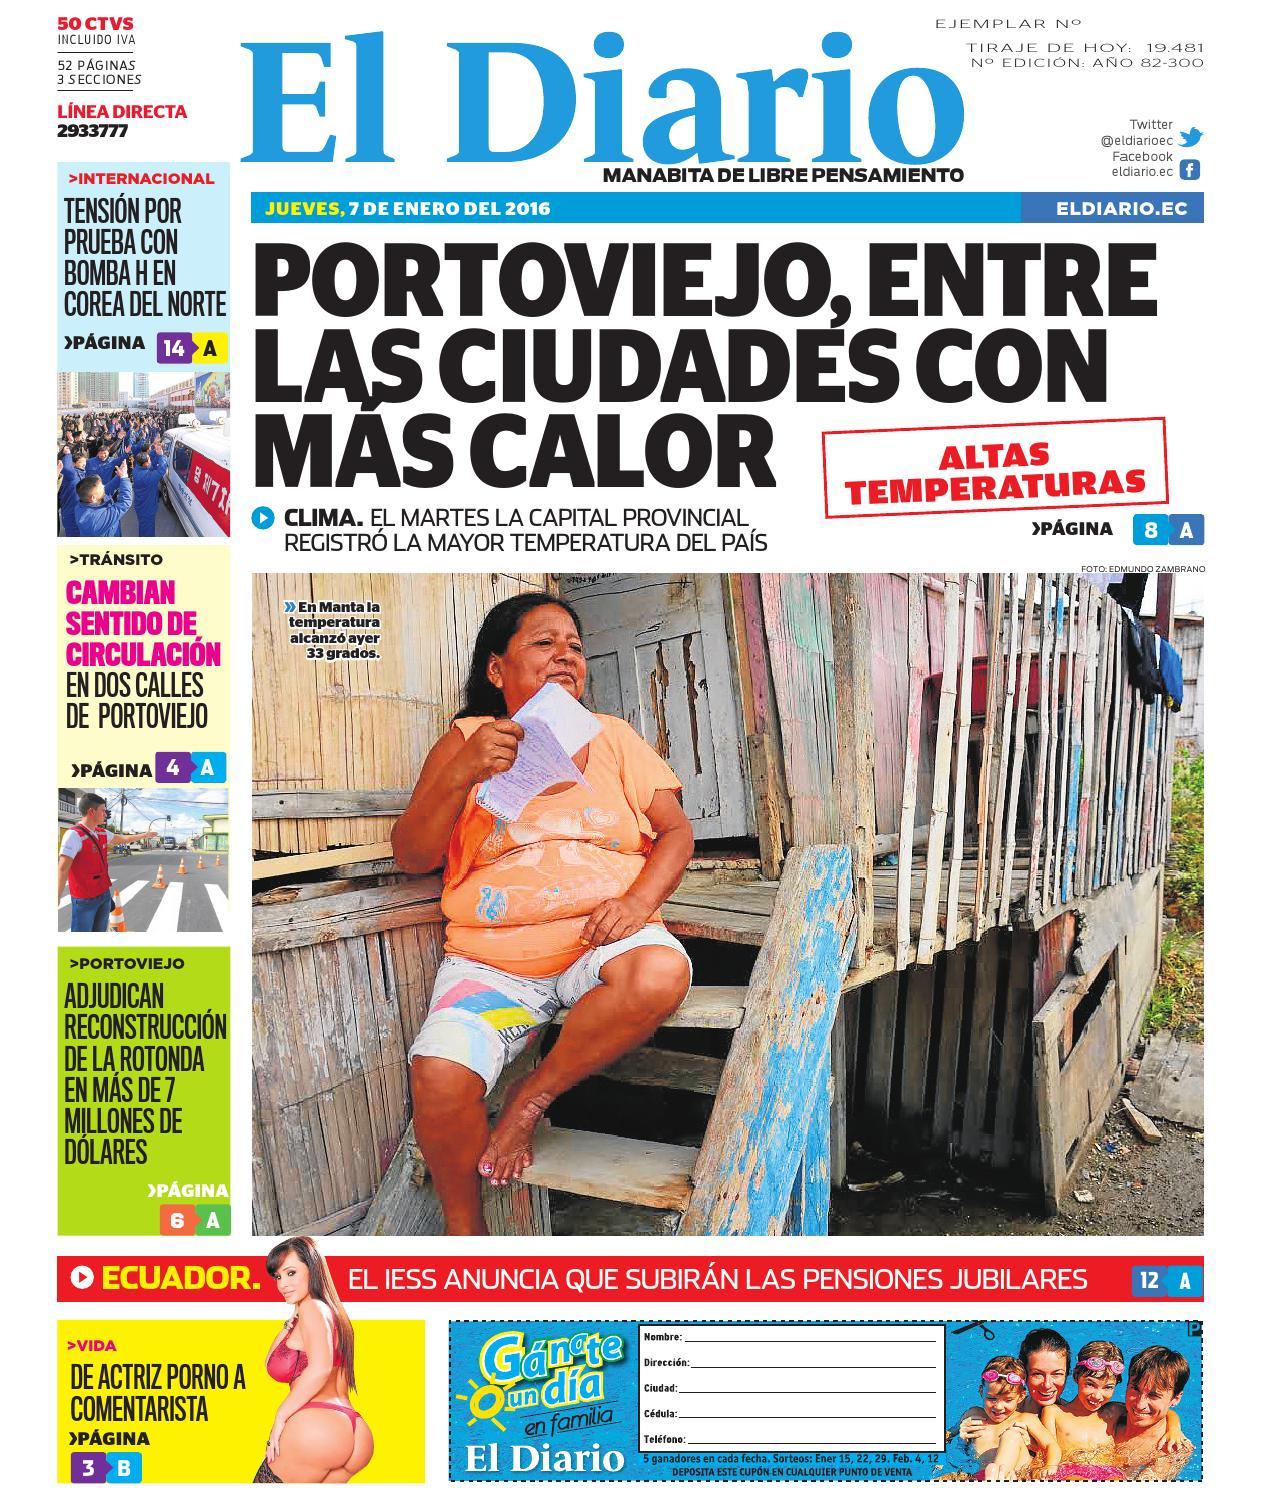 El diario 7 de enero del 2015 by EDIASA - issuu 771eb55fb95